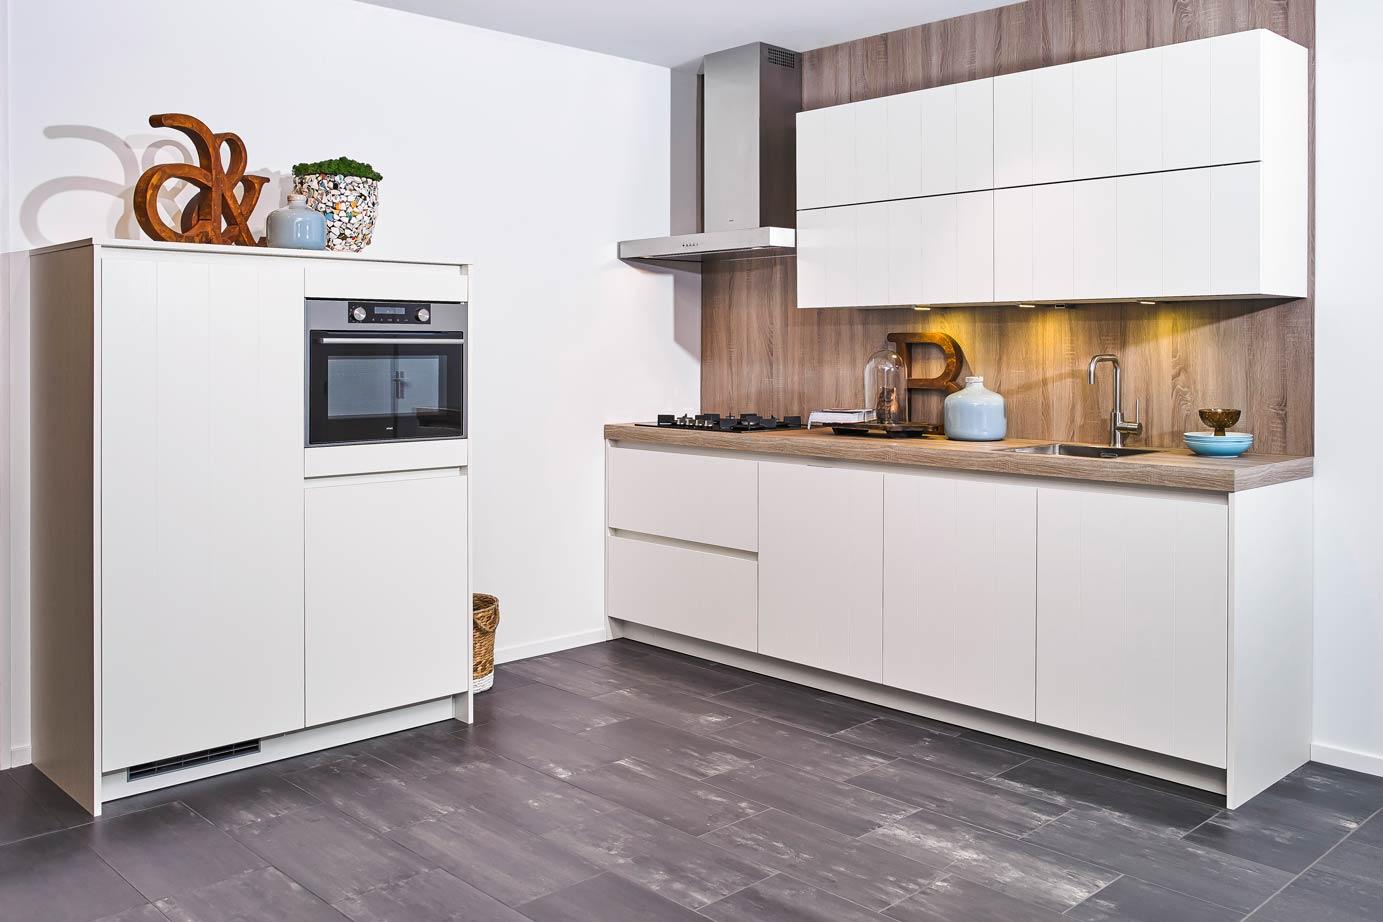 Kastenwand Keuken Moderne : Witte moderne rechte keuken met apparatuur van atag db keukens